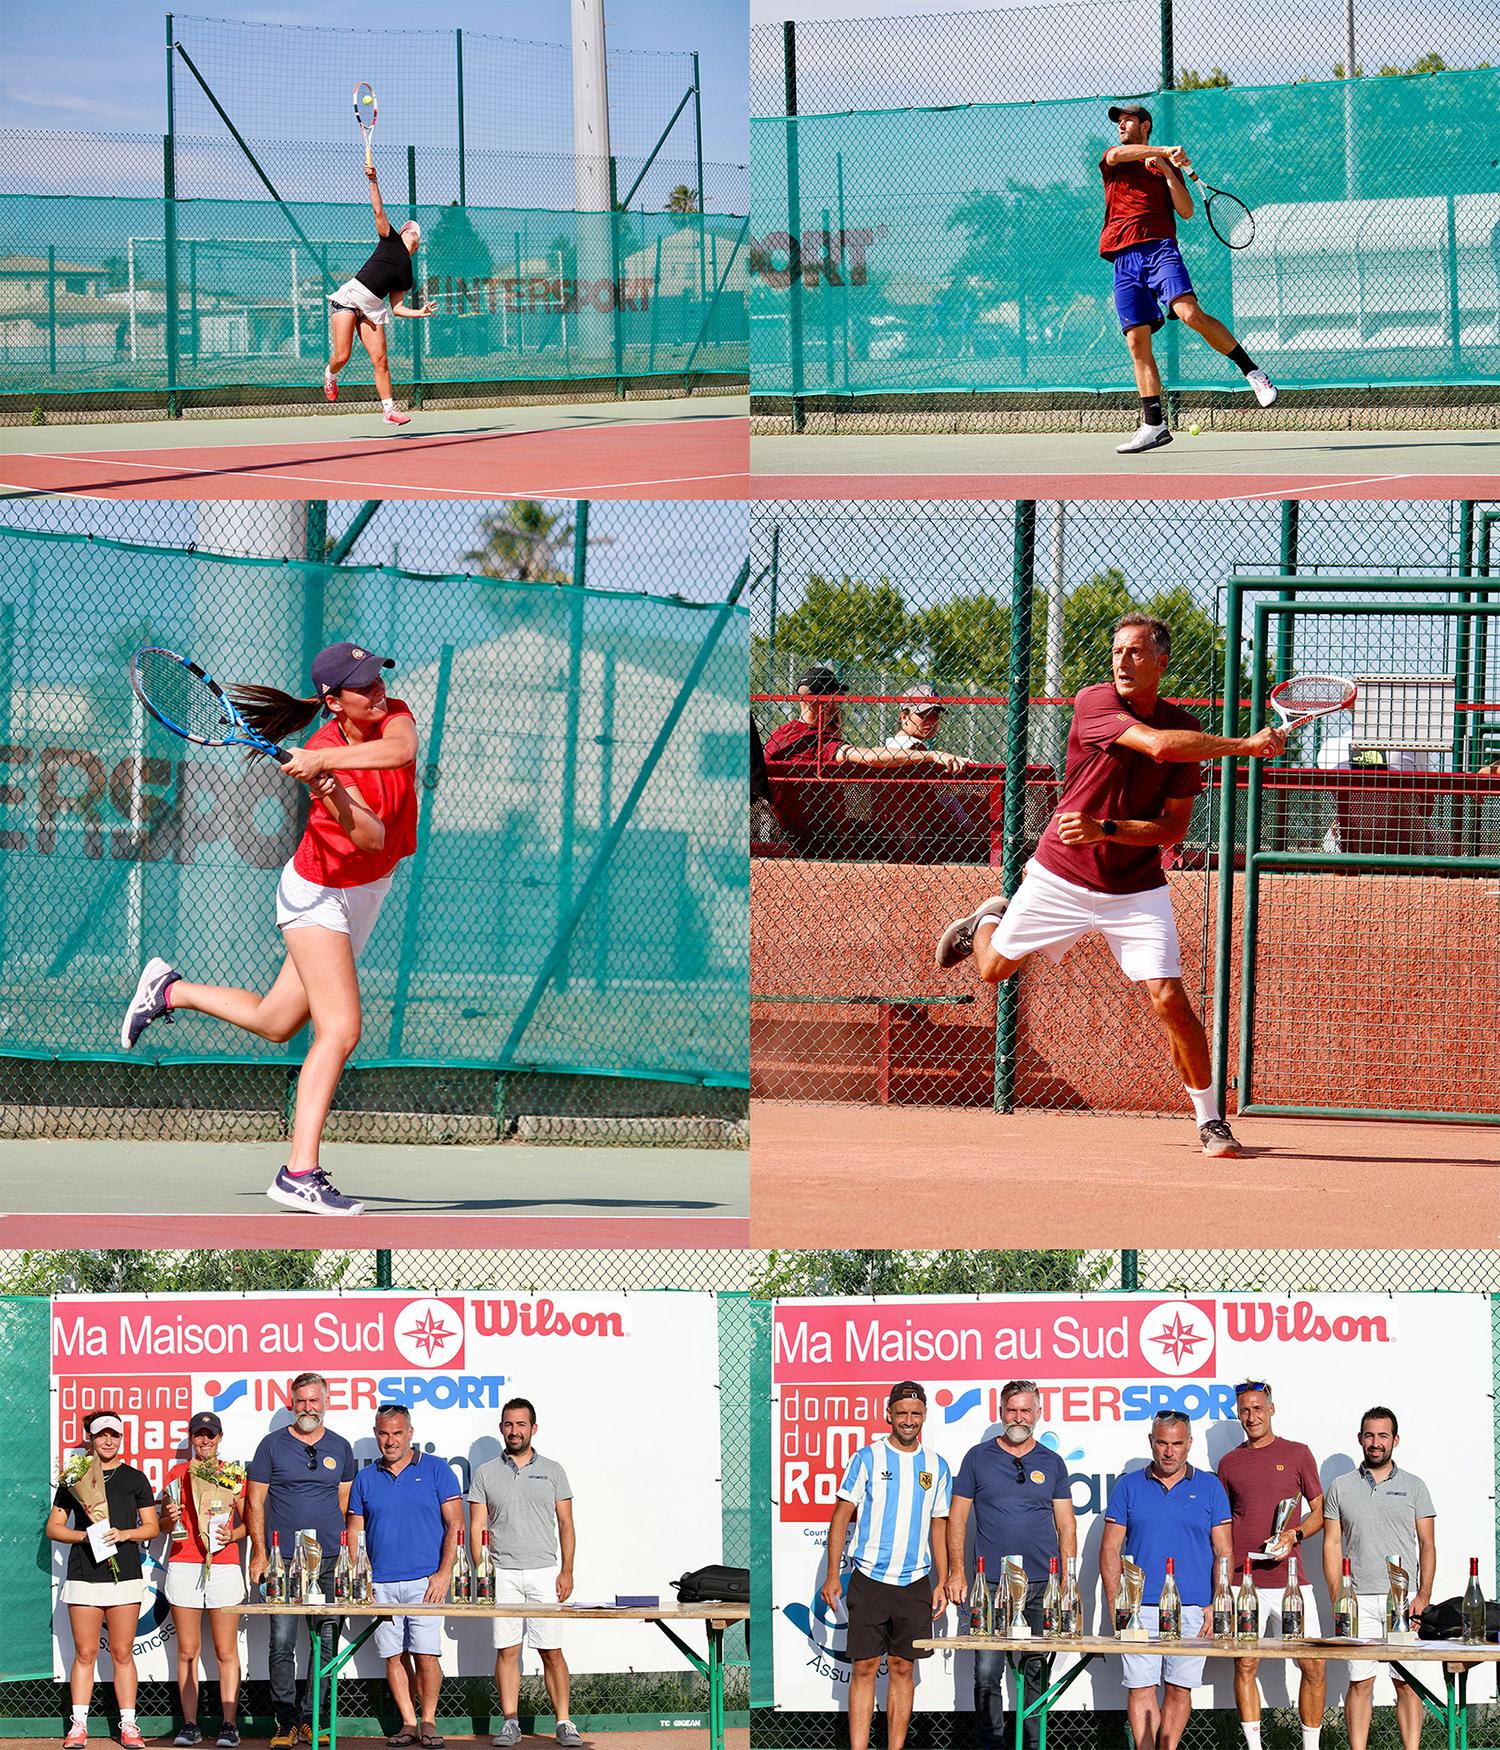 montage_tennis_tournoi_2021.jpg